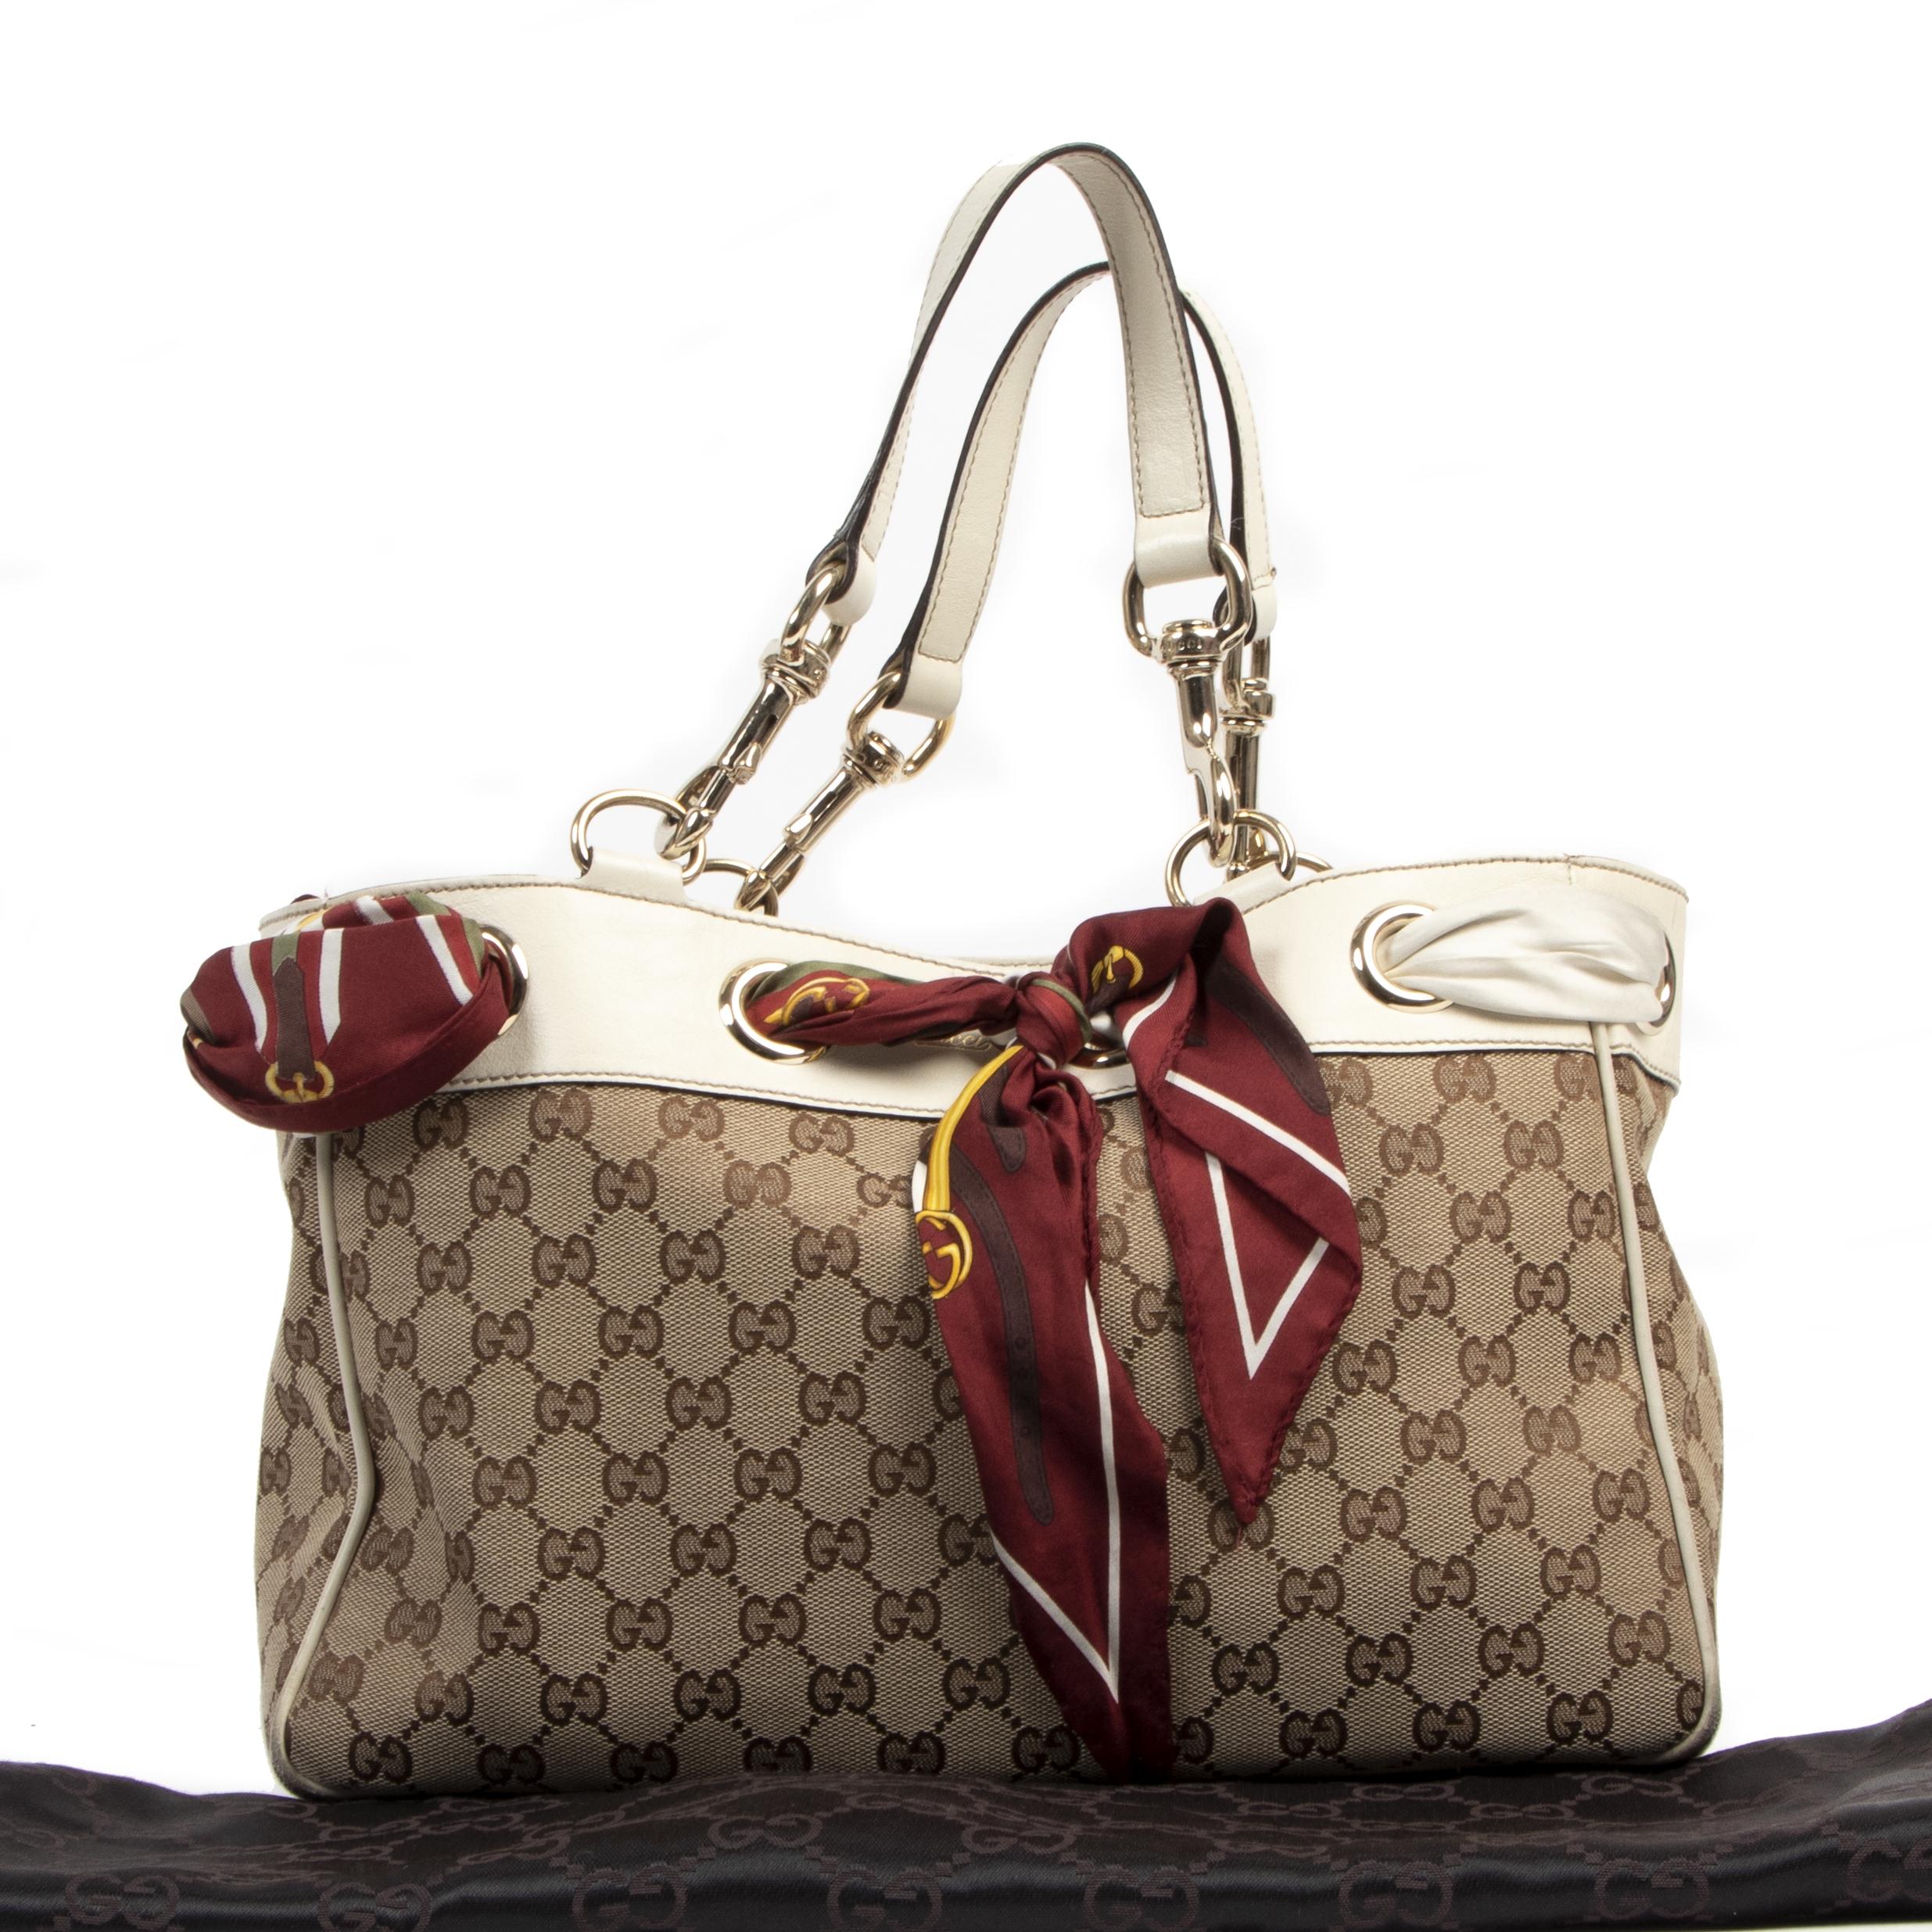 Gucci Positano Monogram Silk Scarf Tote Bag pour le meilleur prix chez Labellov